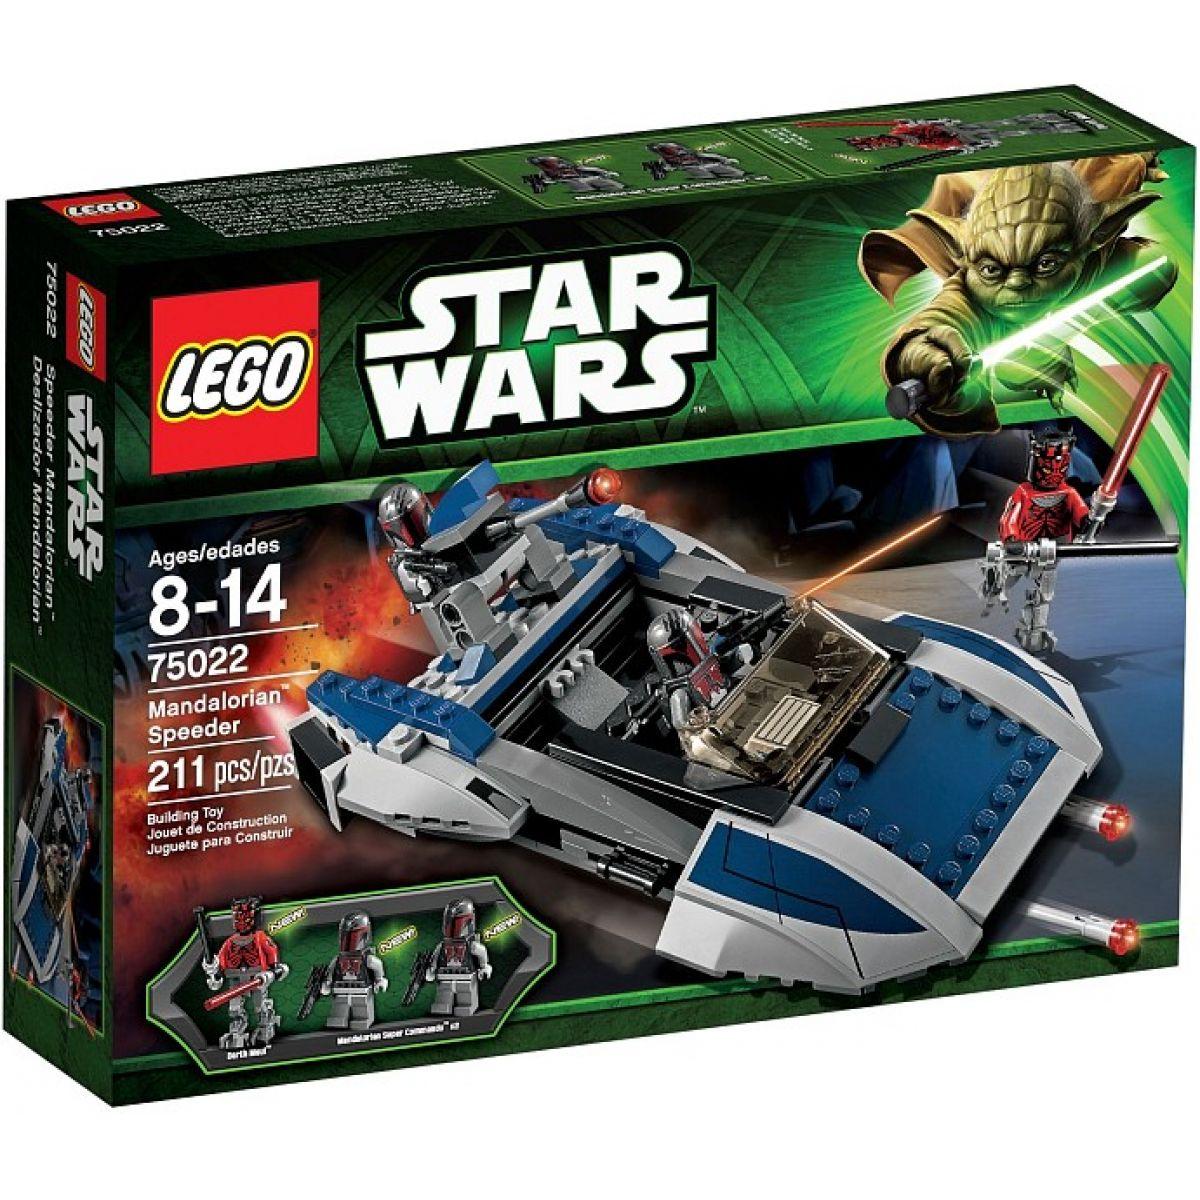 LEGO Star Wars 75022 Mandalorian Speeder